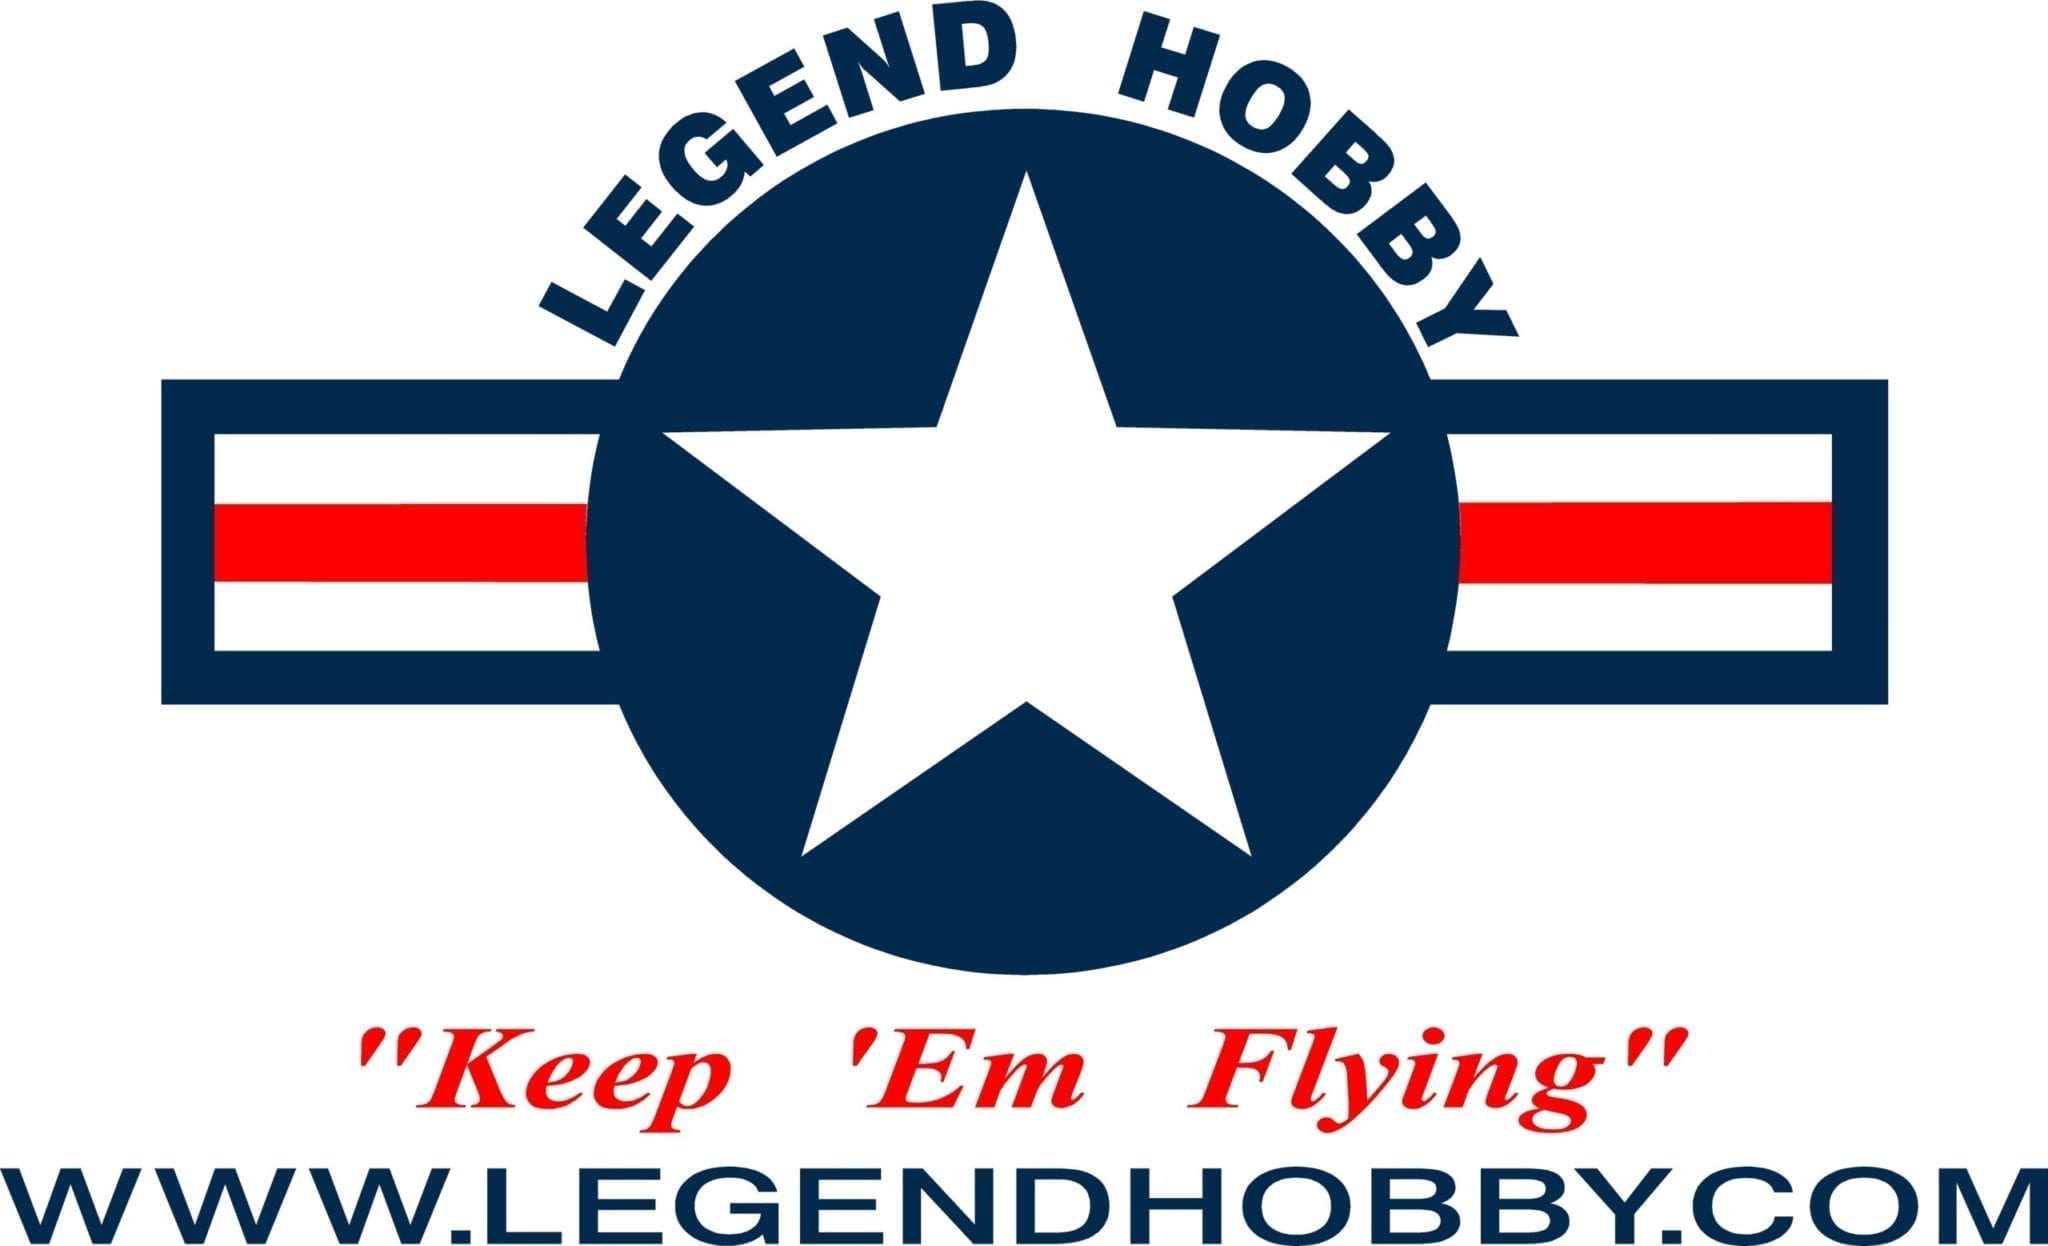 Legend Hobby